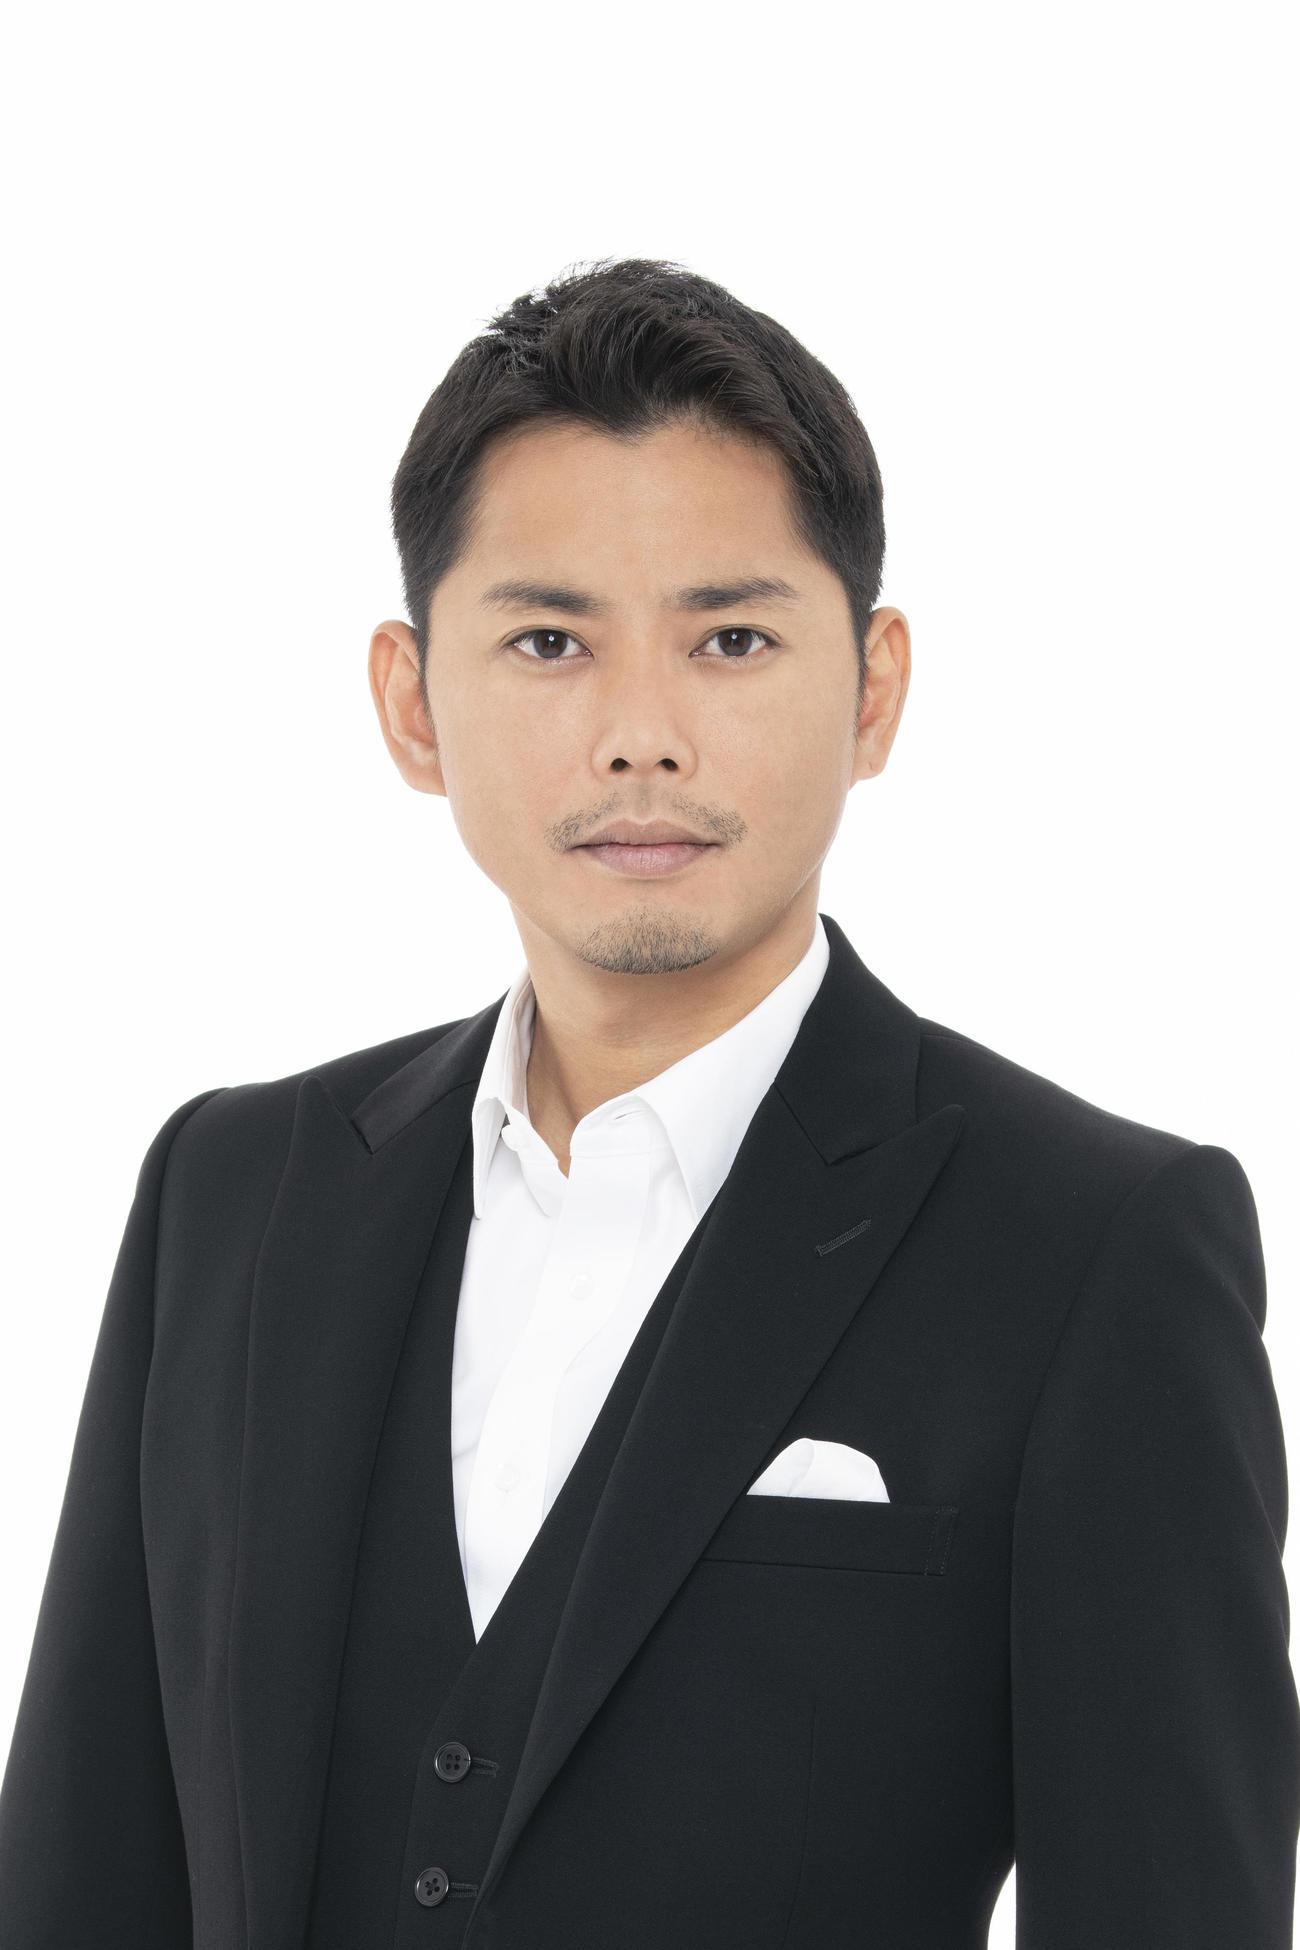 今井翼2年ぶり芸能活動復帰へ「順調に体調も回復」 - 芸能 : 日刊スポーツ